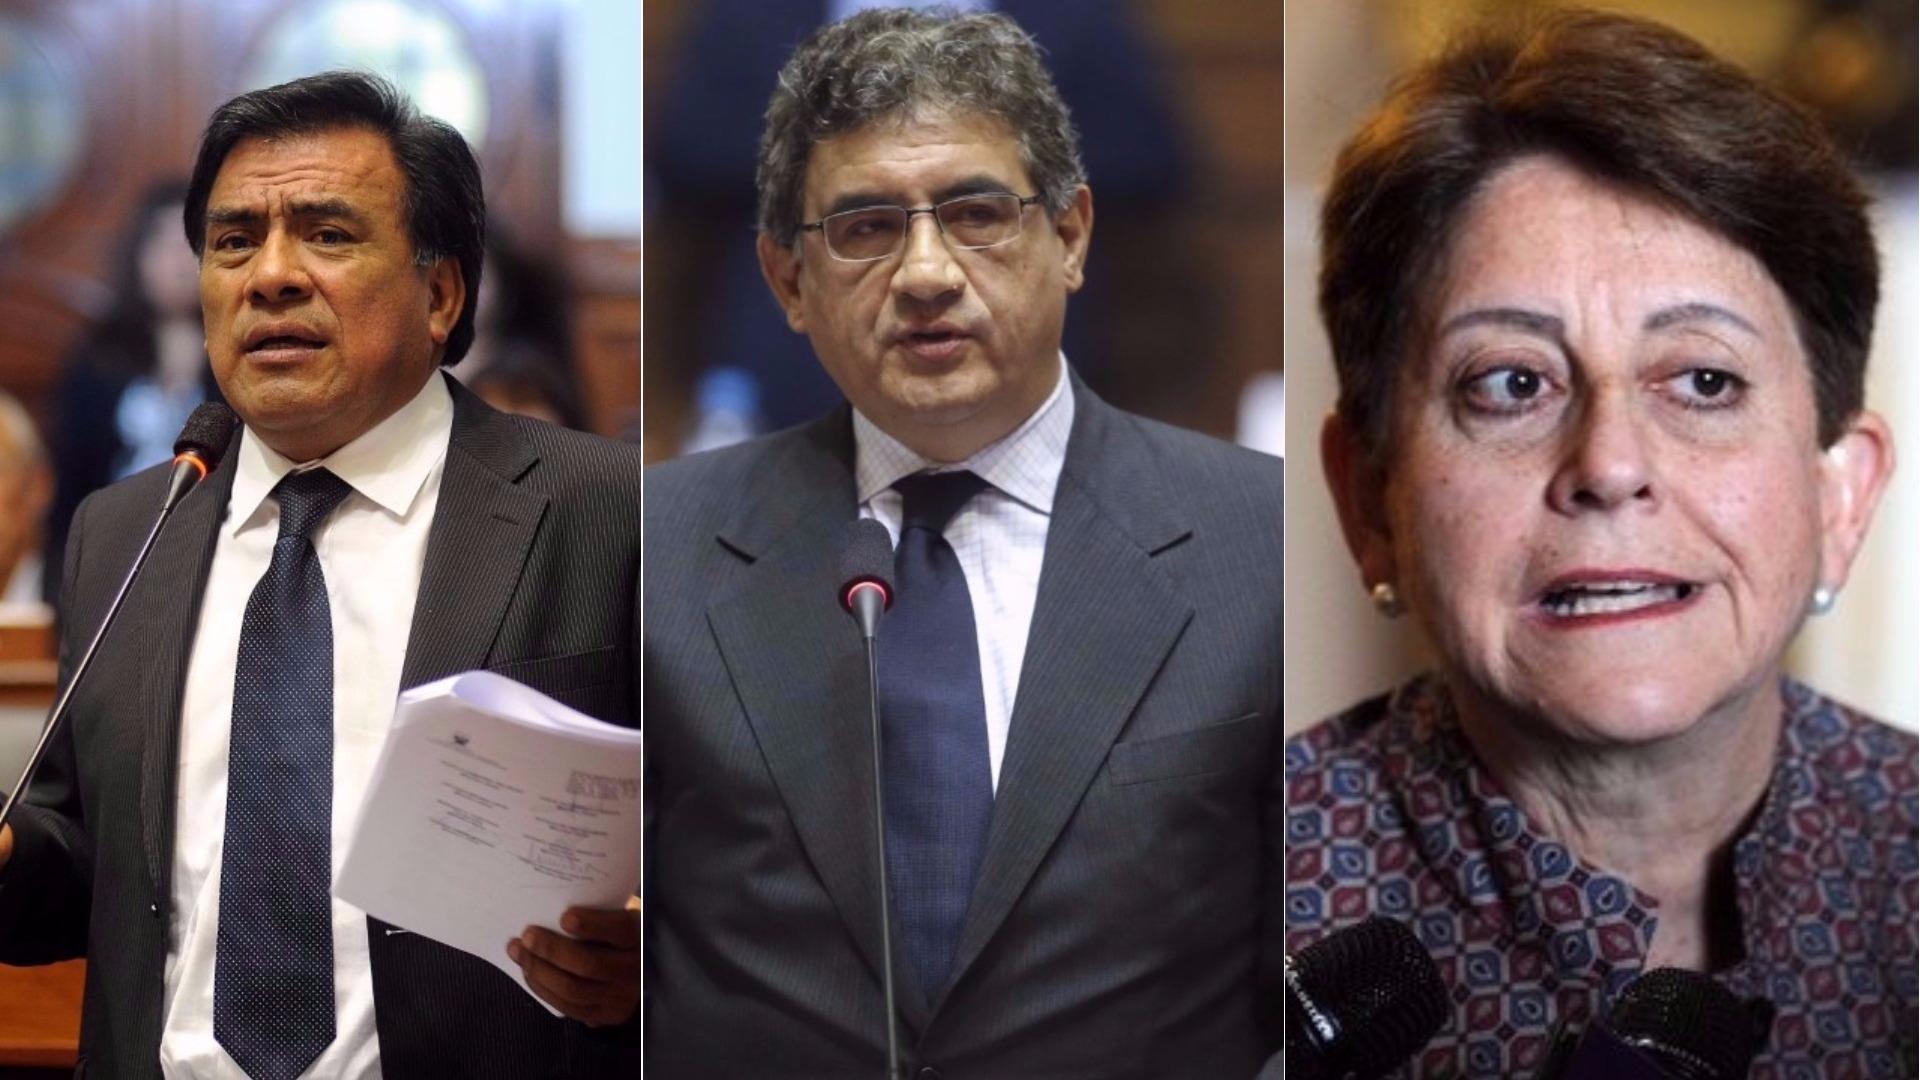 Javier Velásquez Quesquén, Juan Sheput y Lourdes Alcorta comentaron la decisión del juez Richard Concepción de dar prisión preventiva a cuatro empresarios.